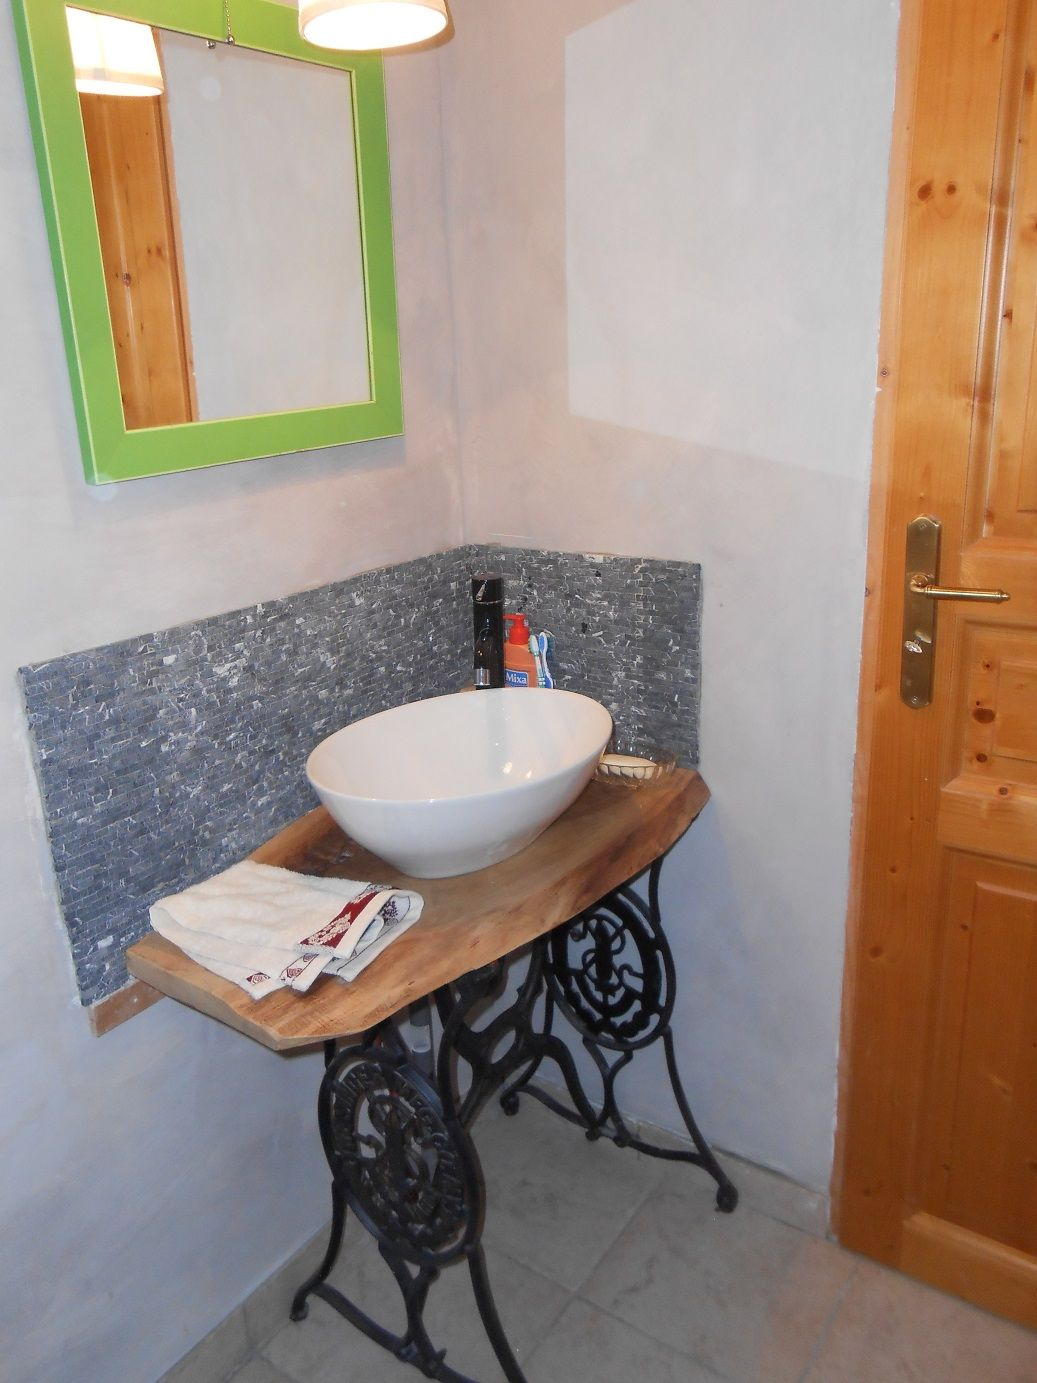 Pied De Machine A Coudre Ancienne Transforme En Meuble Vasque Plateau Noyer Brut Meuble Vasque Idee Salle De Bain Meuble Sous Vasque